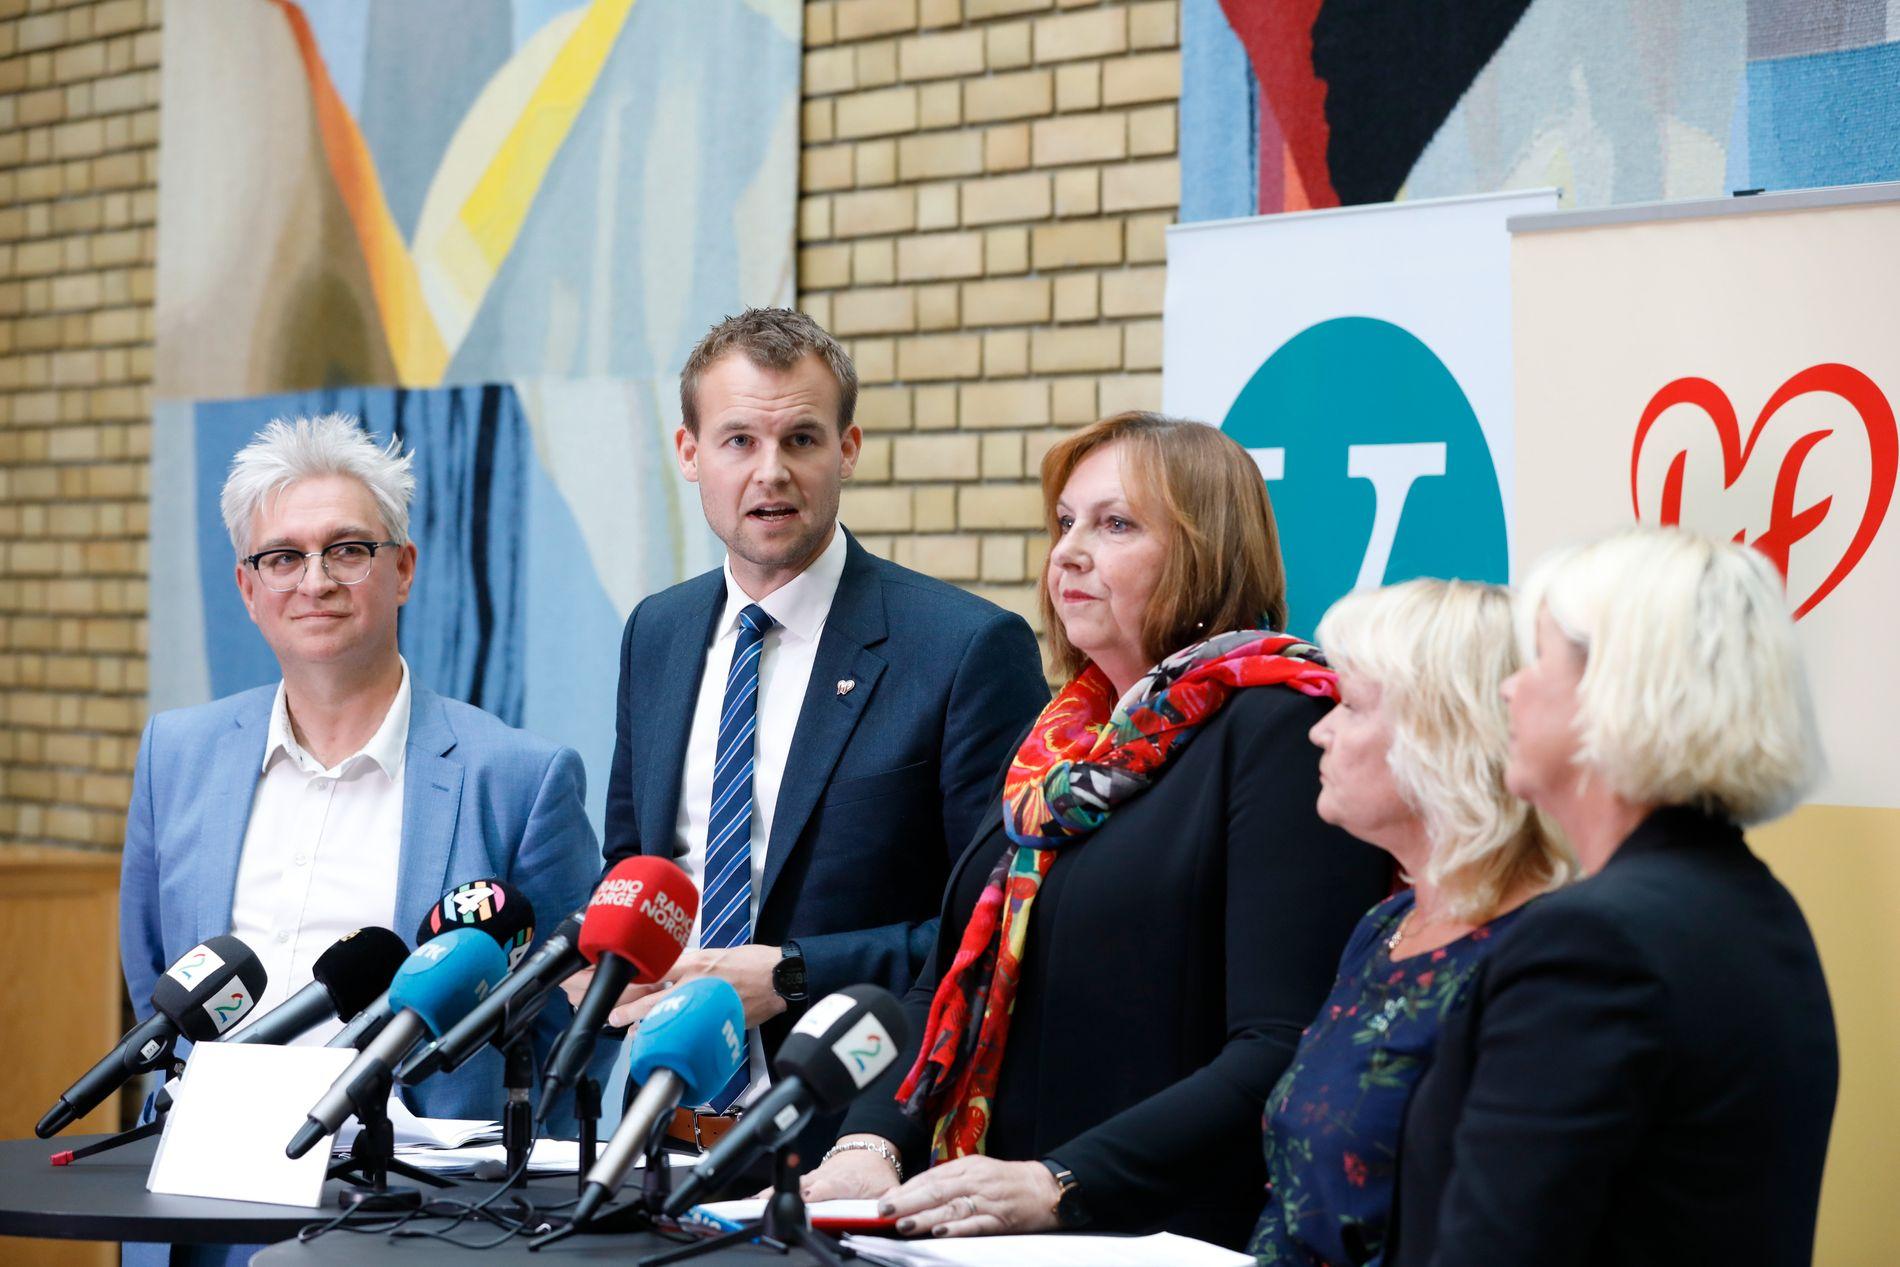 KONTRAST: Samme dag som de første bokutdragene med Knut Arild Hareides ros av Ap kommer ut, skal KrF-nestleder Kjell Ingolf Ropstad presentere enigheten mellom H, V, Frp og KrF i regionreformen.